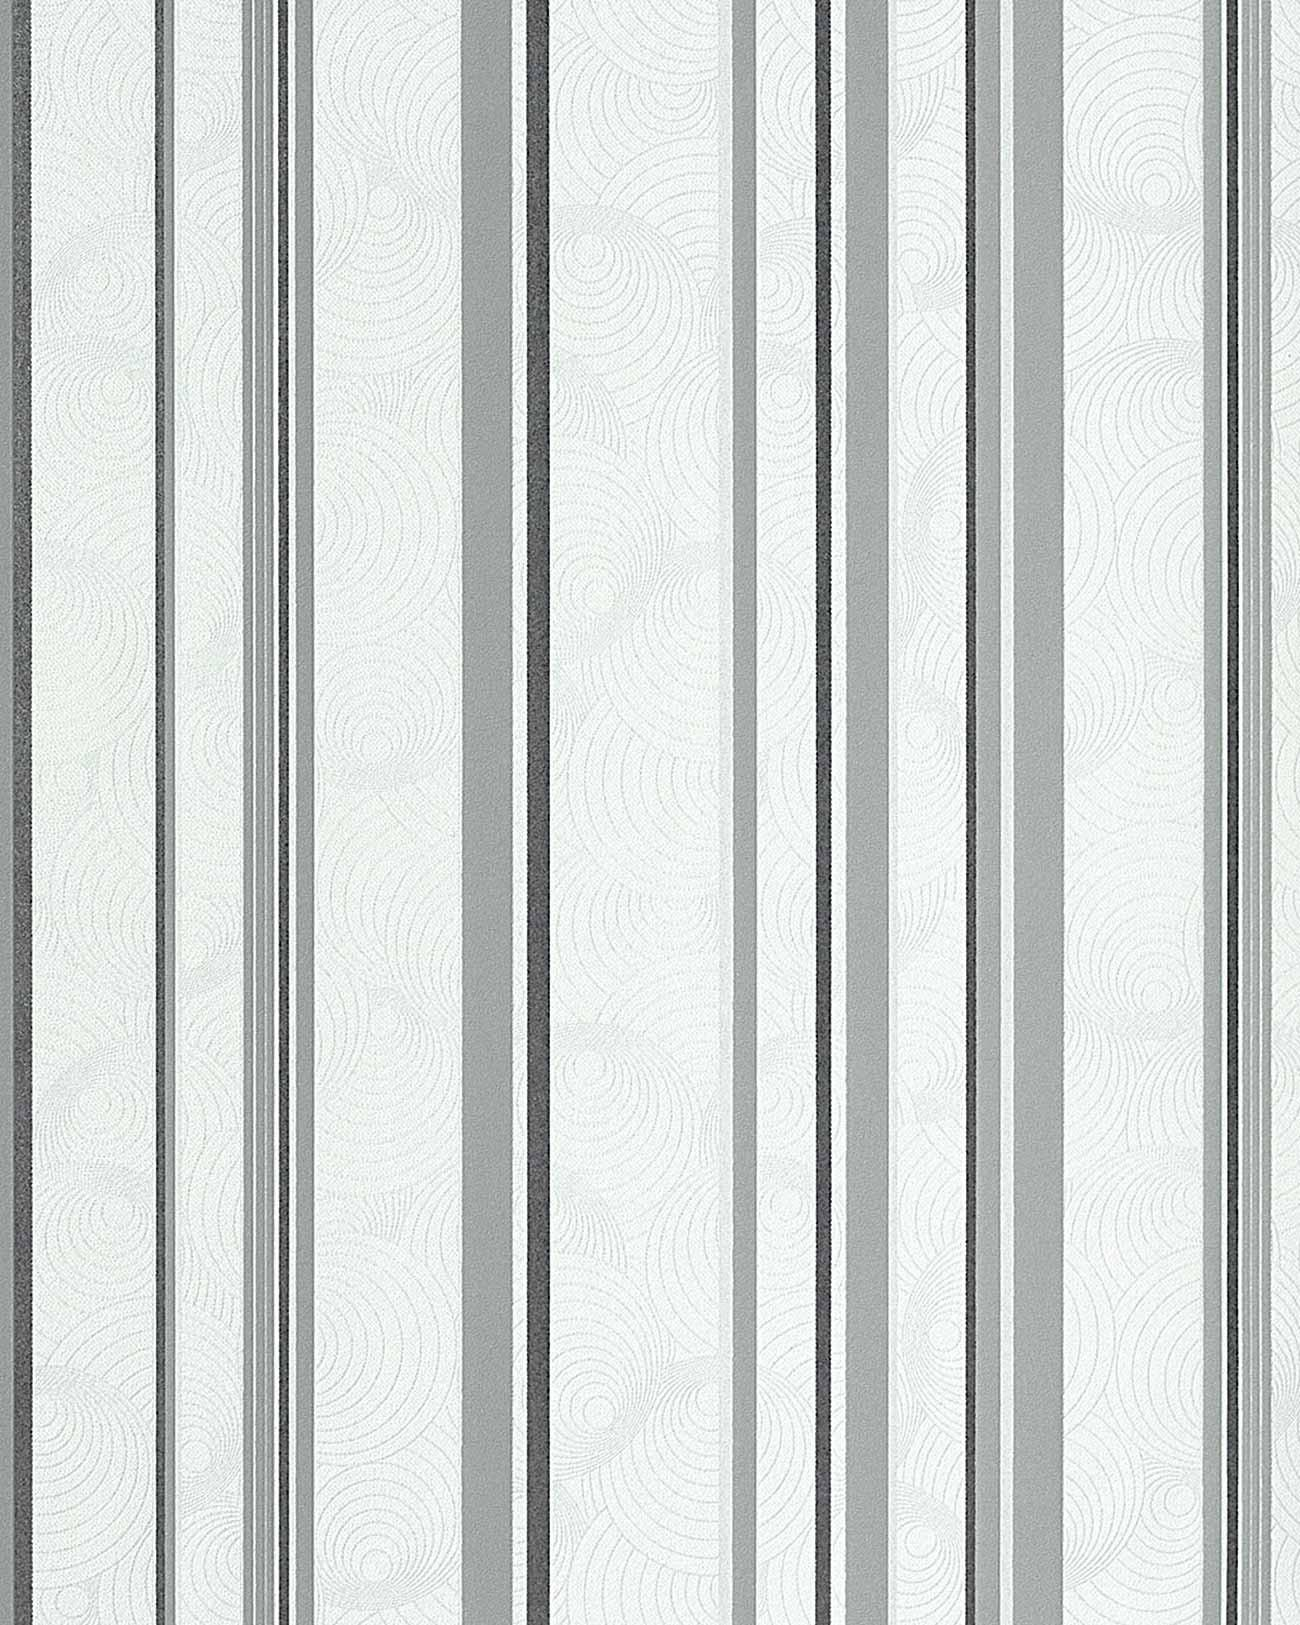 grau gestreifte tapete streifentapete stal silber grau von essener tapeten grun grau. Black Bedroom Furniture Sets. Home Design Ideas